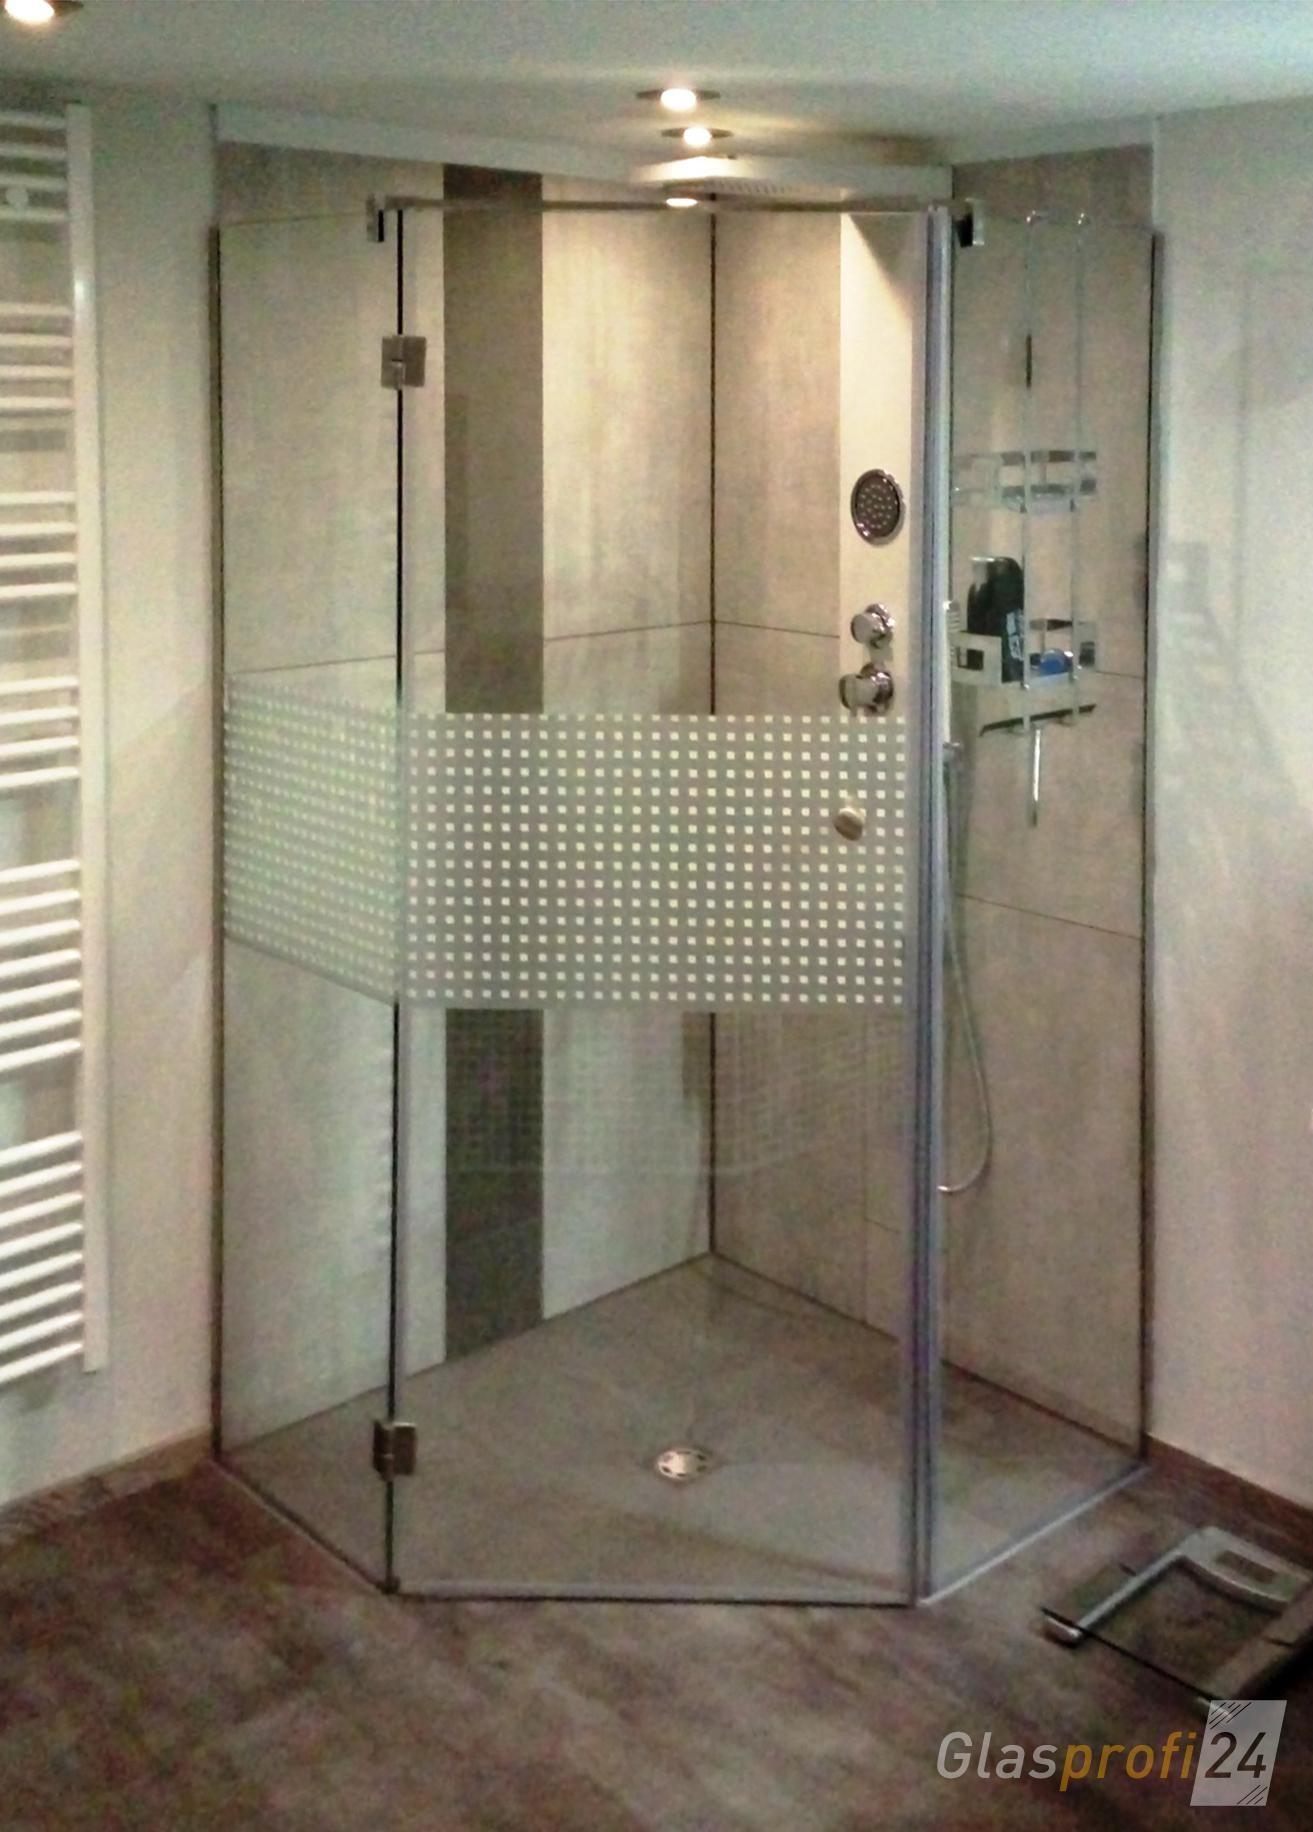 5EckDusche aus Glas GLASPROFI24 in 2019 Badezimmer